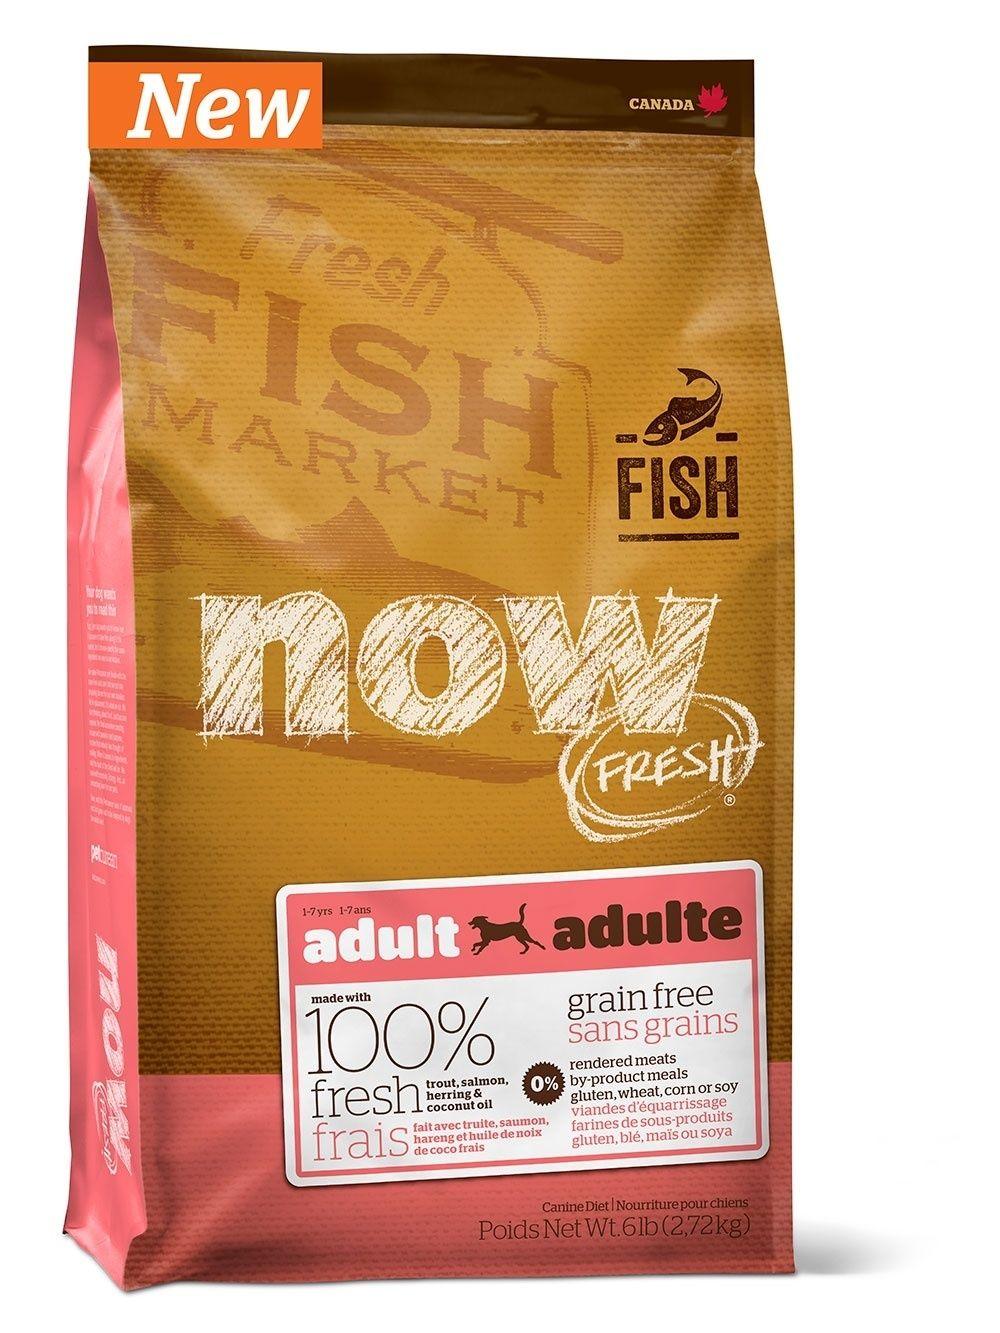 Беззерновой Корм NOW Natural для взрослых собак с форелью и лососем для чувствительного пищеварения 11,35кгПовседневные корма<br><br><br>Артикул: 10337<br>Бренд: NOW Natural holistic<br>Вид: Сухие<br>Вес брутто (кг): 11,35<br>Страна-изготовитель: Канада<br>Вес упаковки (кг): 11,35<br>Размер/порода: Все<br>Ингредиенты: Рыба<br>Для кого: Собаки